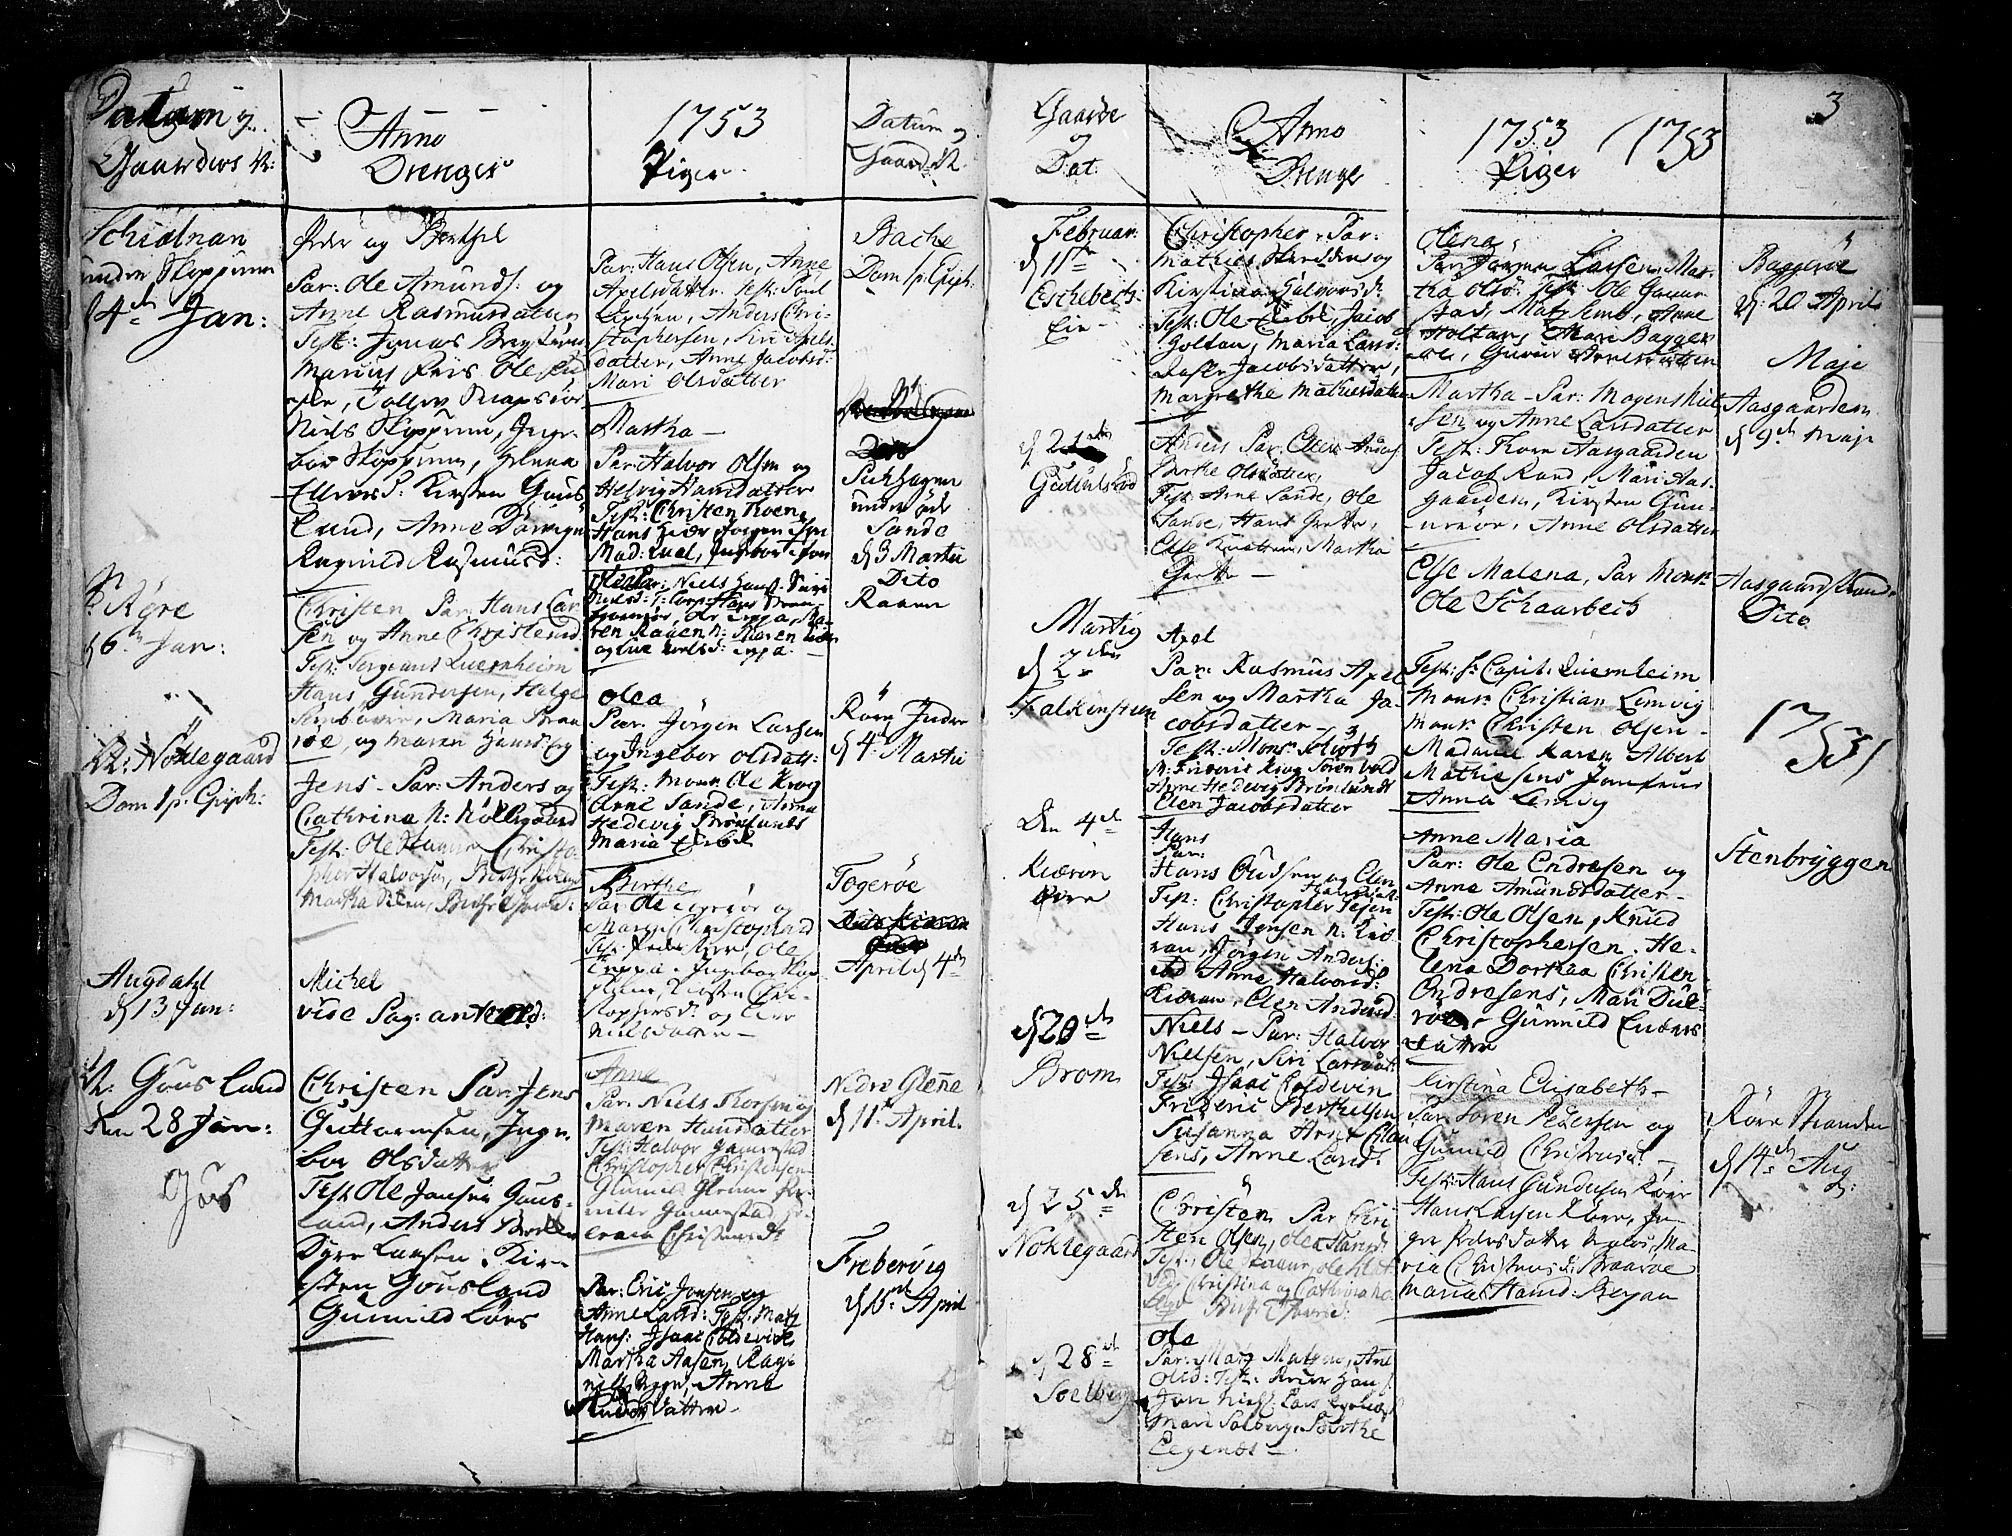 SAKO, Borre kirkebøker, F/Fa/L0002: Ministerialbok nr. I 2, 1752-1806, s. 3